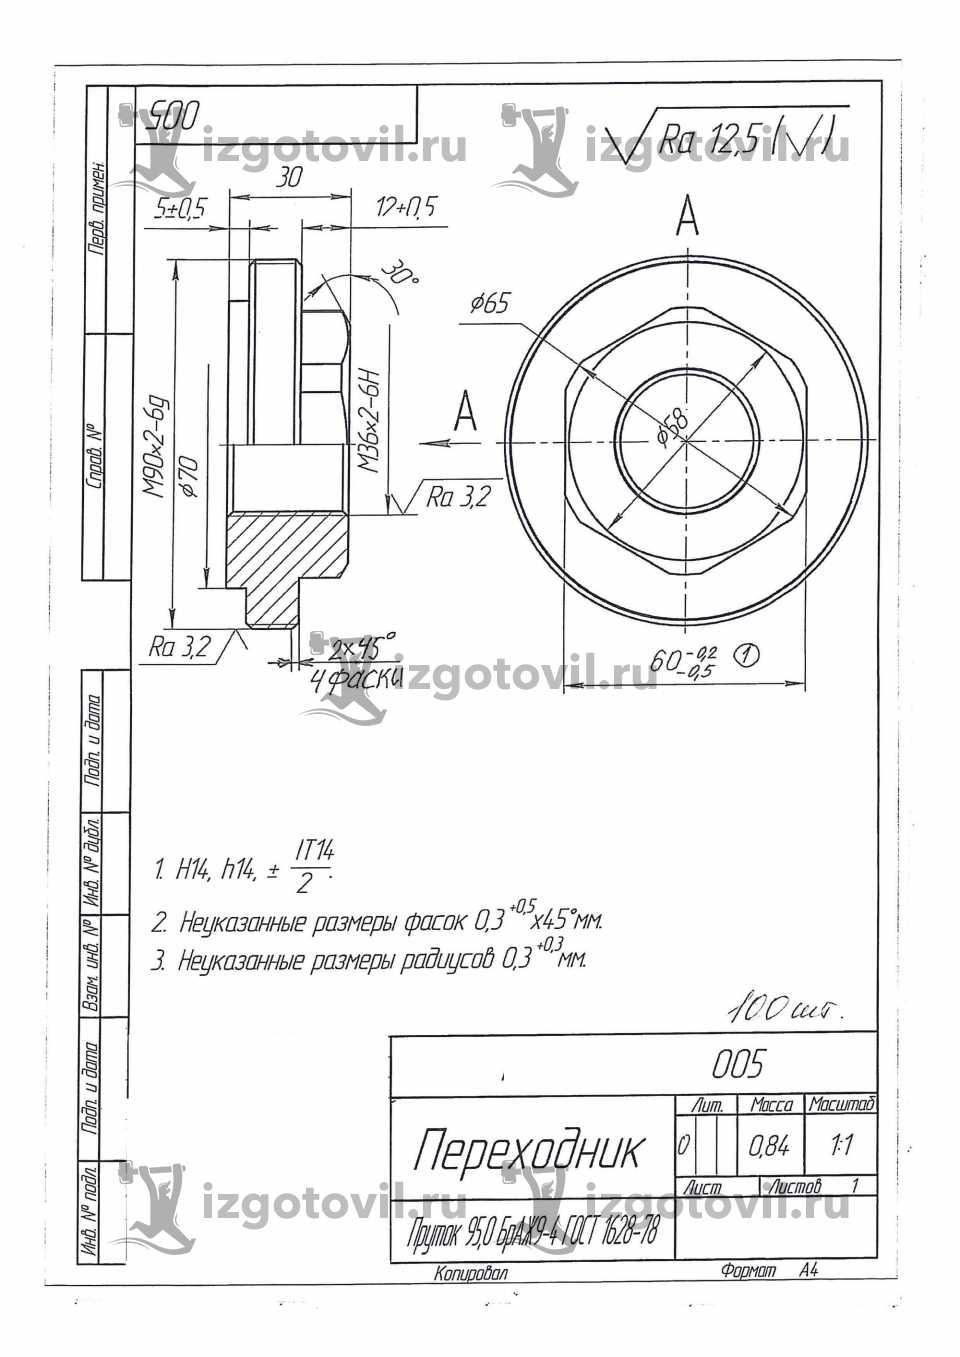 Токарно-фрезерная обработка - переходник